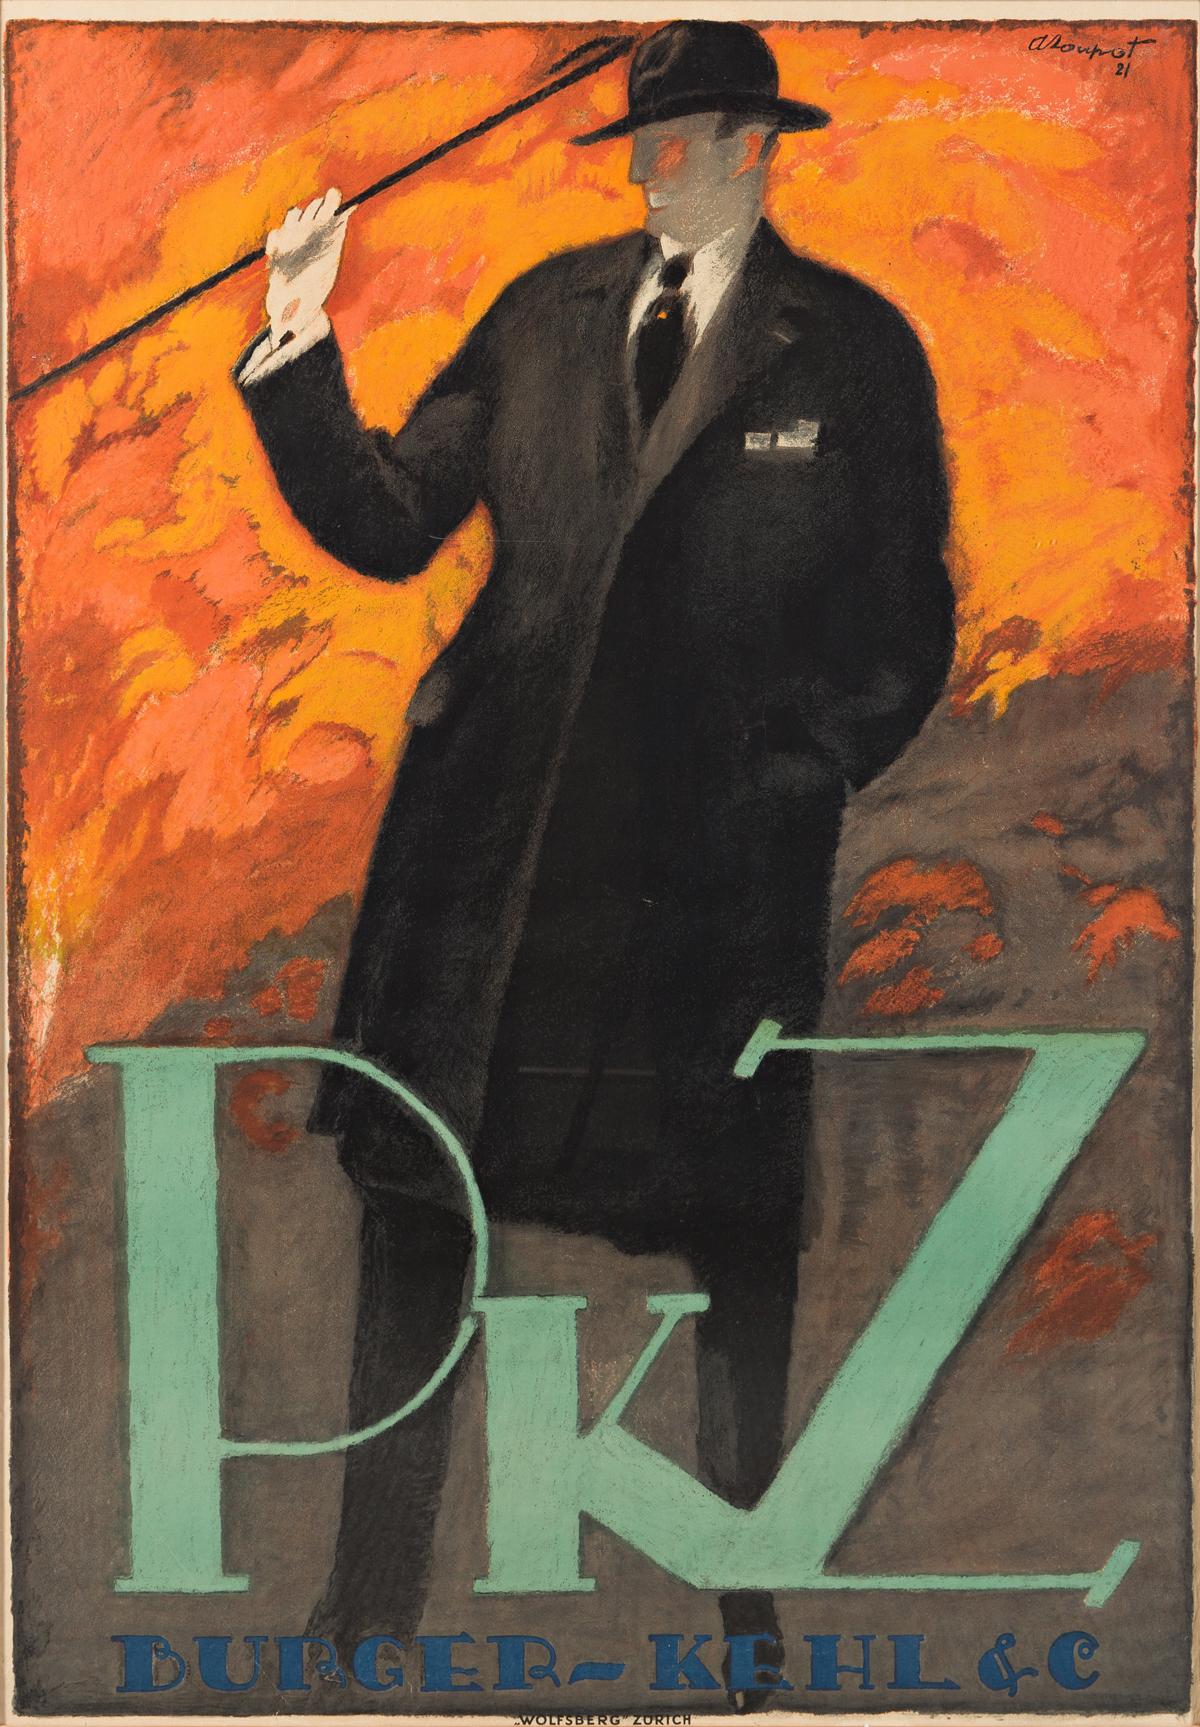 CHARLES LOUPOT (1892-1962).  PKZ / BURGER - KEHL & C. 1921. 49¾x24½ inches, 126¼x62¼ cm. Wolfsberg, Zurich.